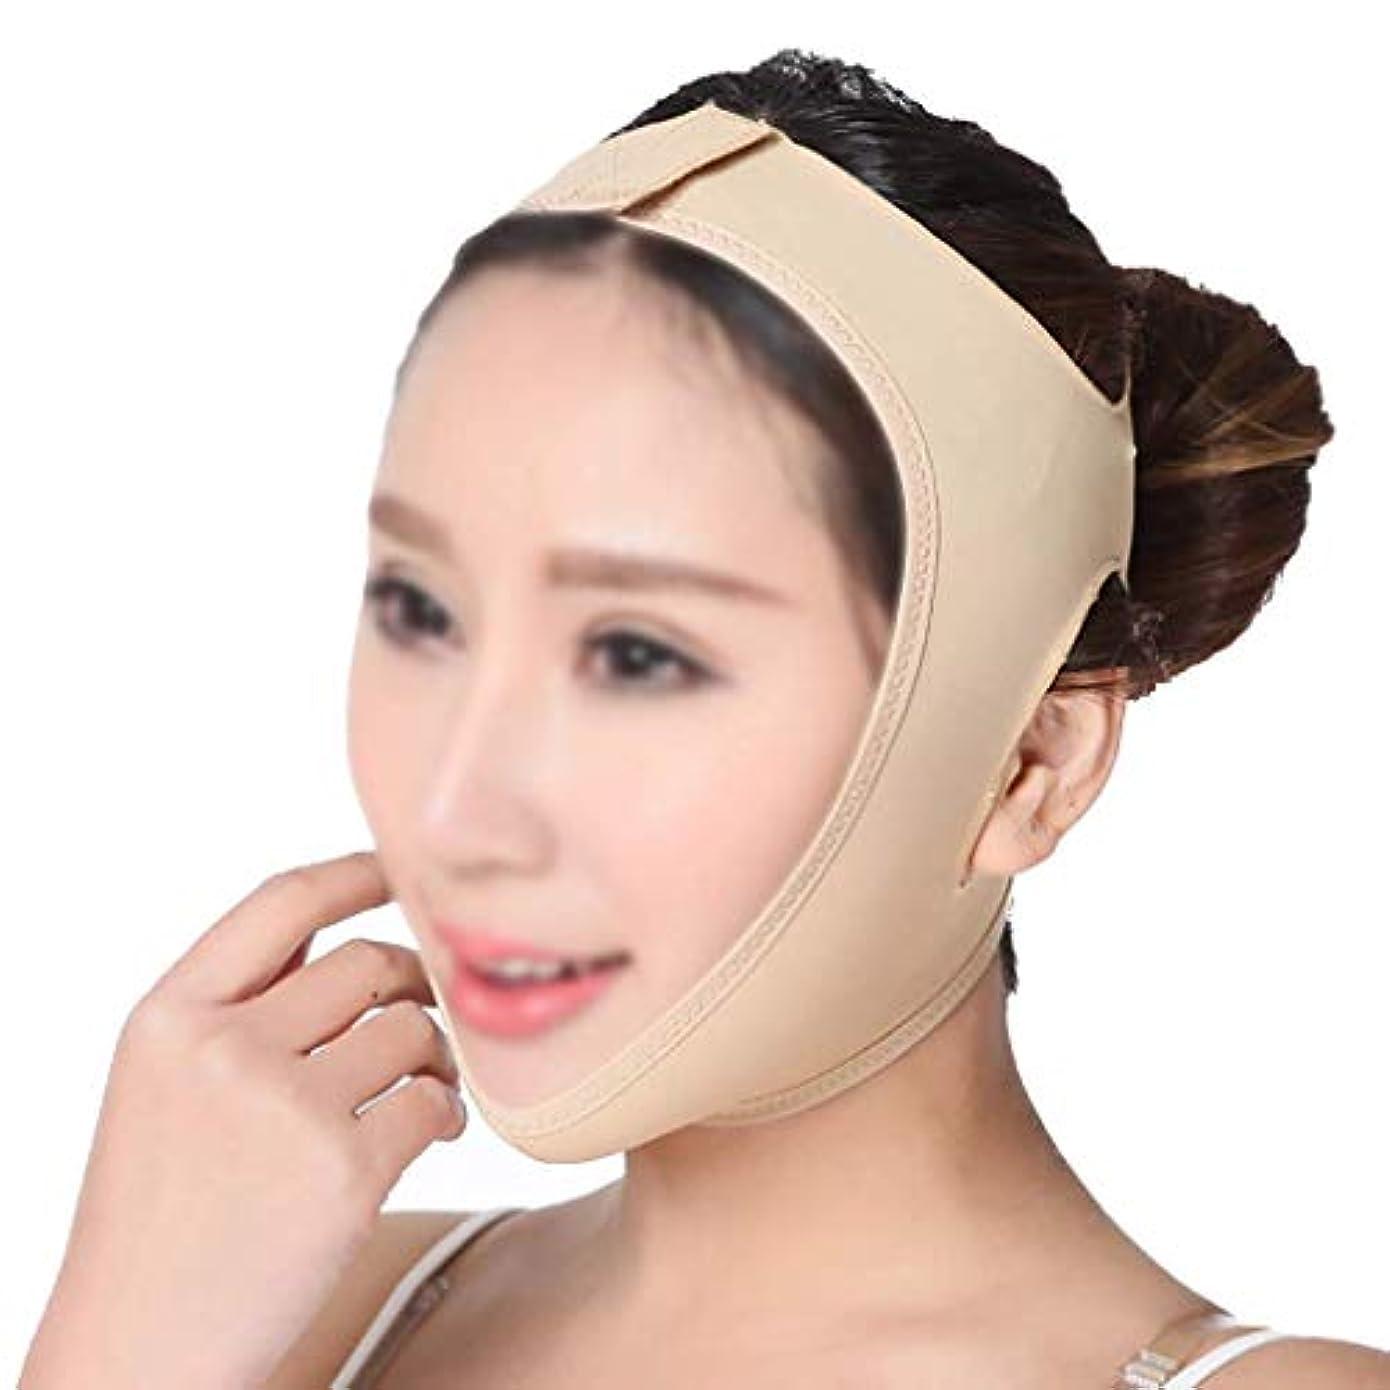 隣接する前兆惑星フェイスリフティングマスク、リフティングチン、フェイシャルスキン、頬垂れ防止、快適で 生地、詰まることを拒否、着用が簡単(サイズ:M),Xl